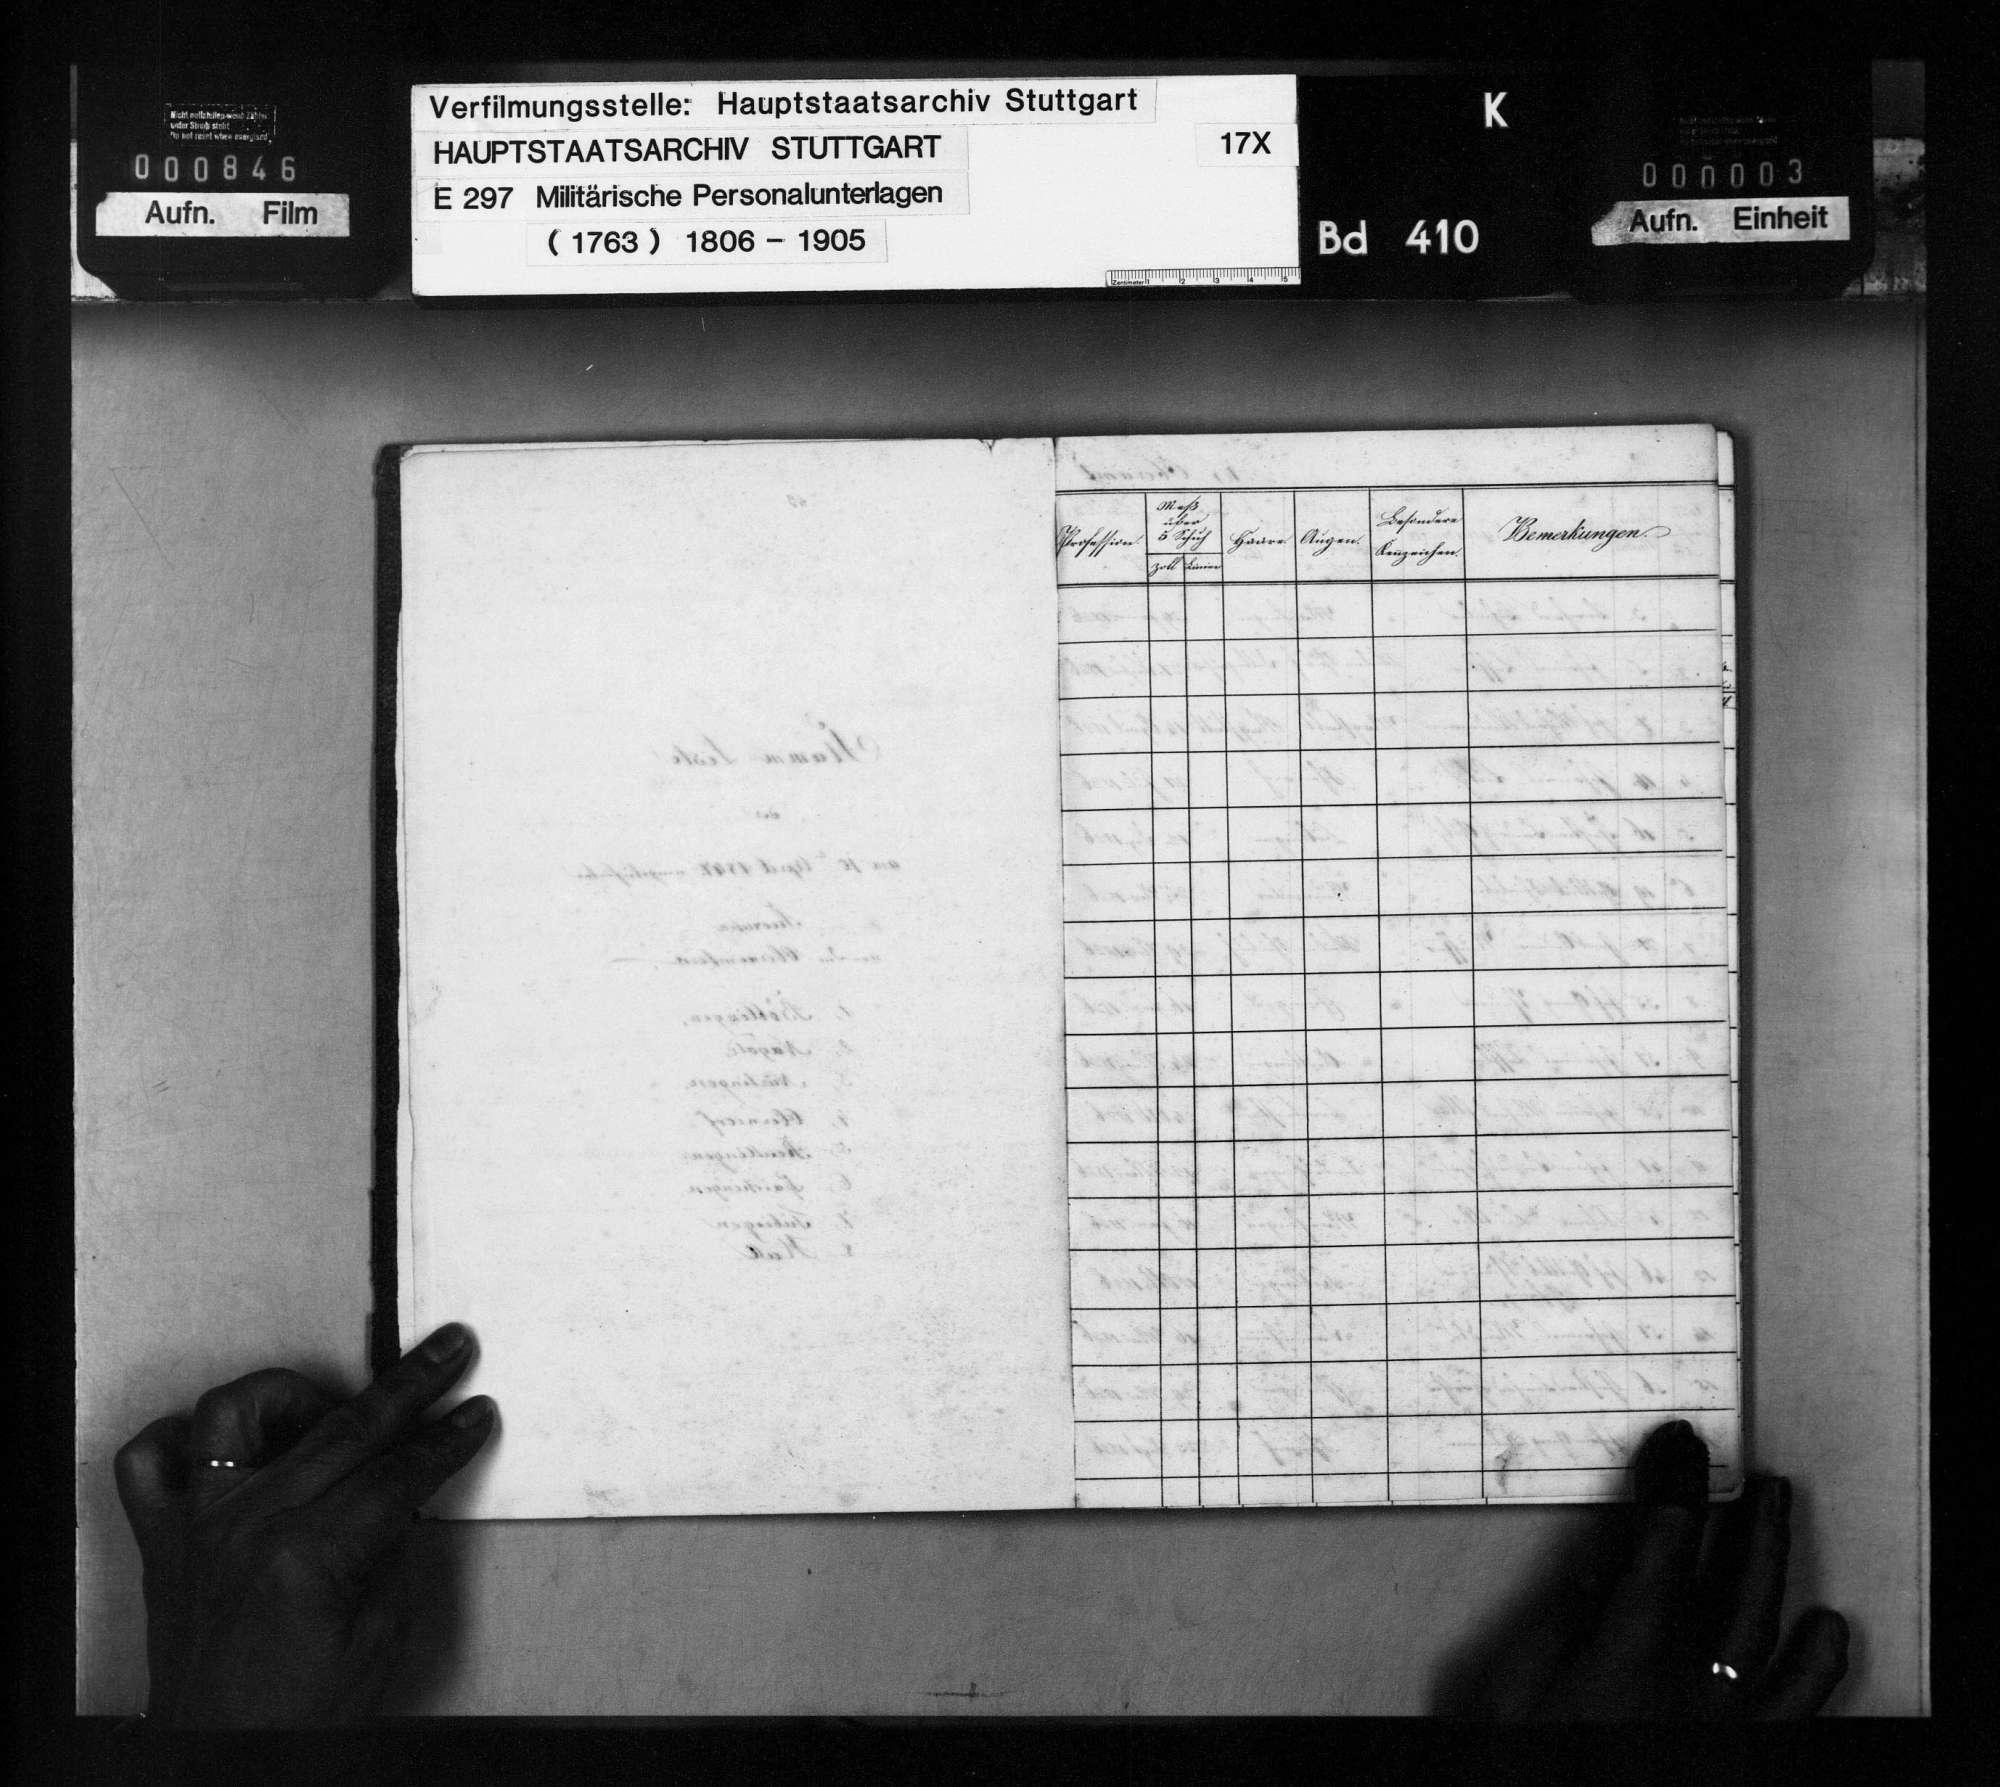 Stammliste der am 10. April 1847 beim 4. Infanterie-Regiment eingelieferten Rekruten, Bild 3